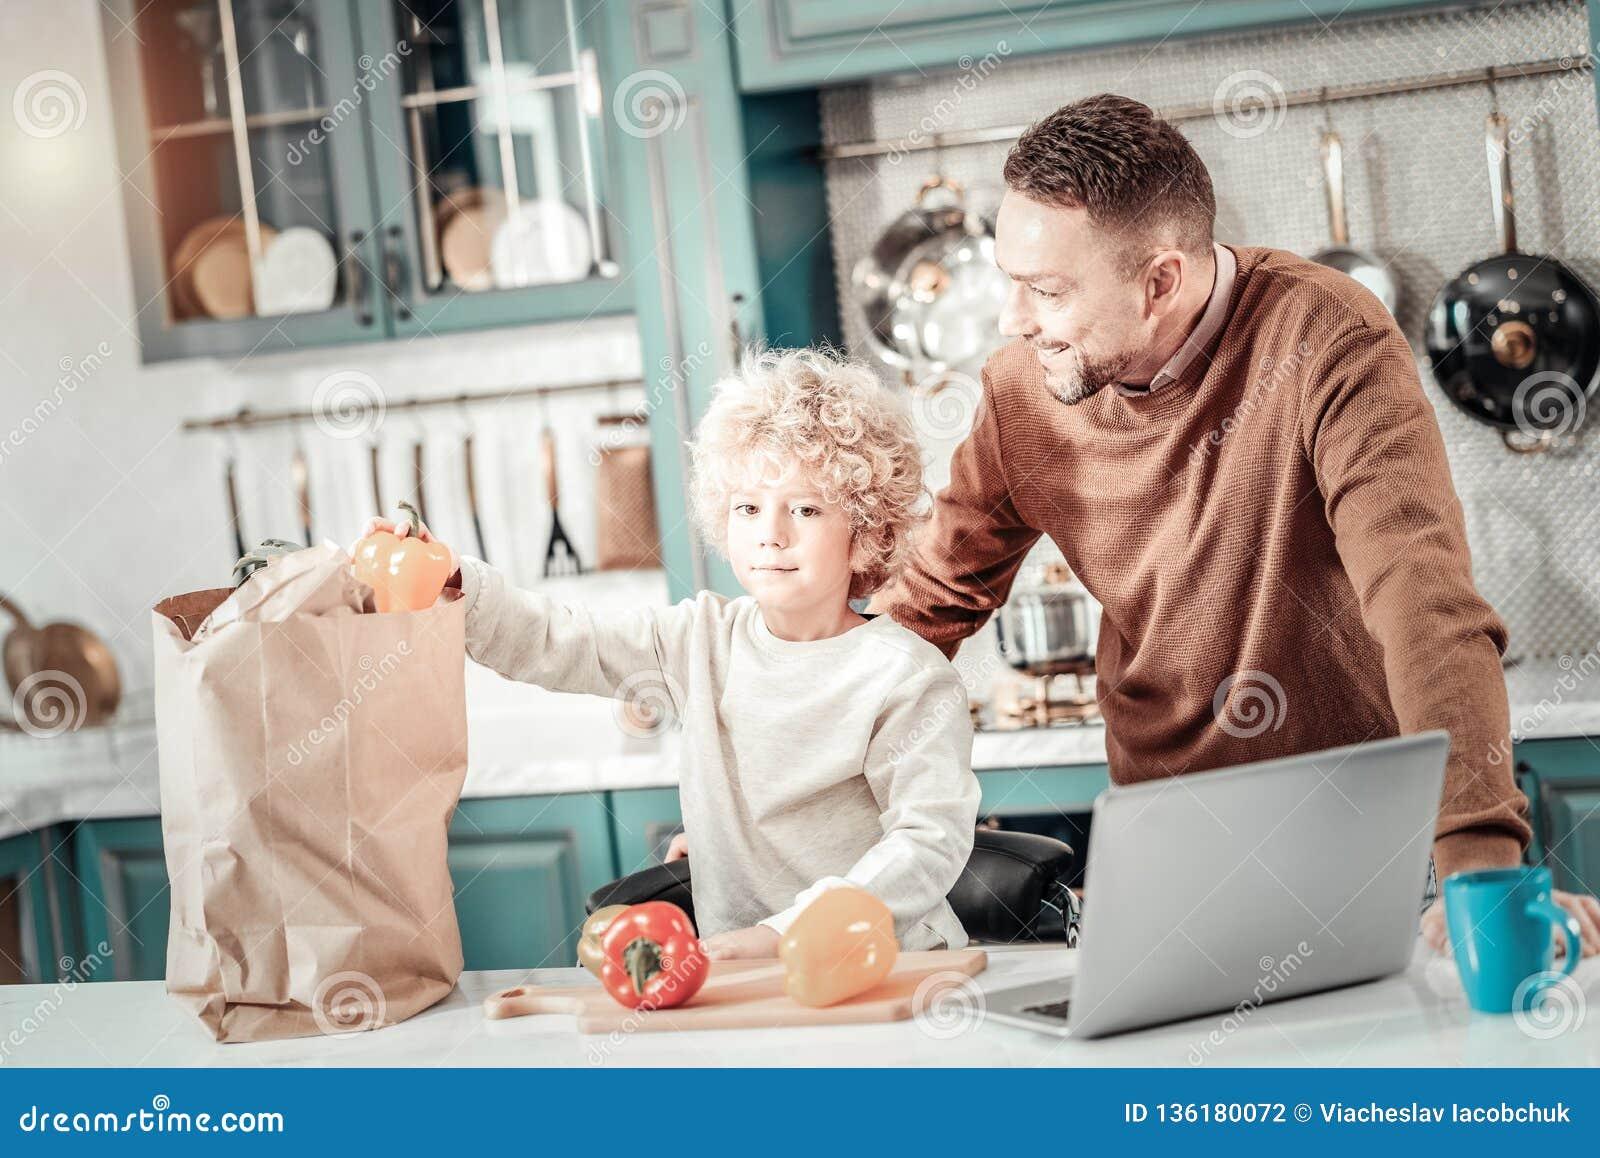 Θετικός ευχαριστημένος μπαμπάς που εξετάζει το γιο του